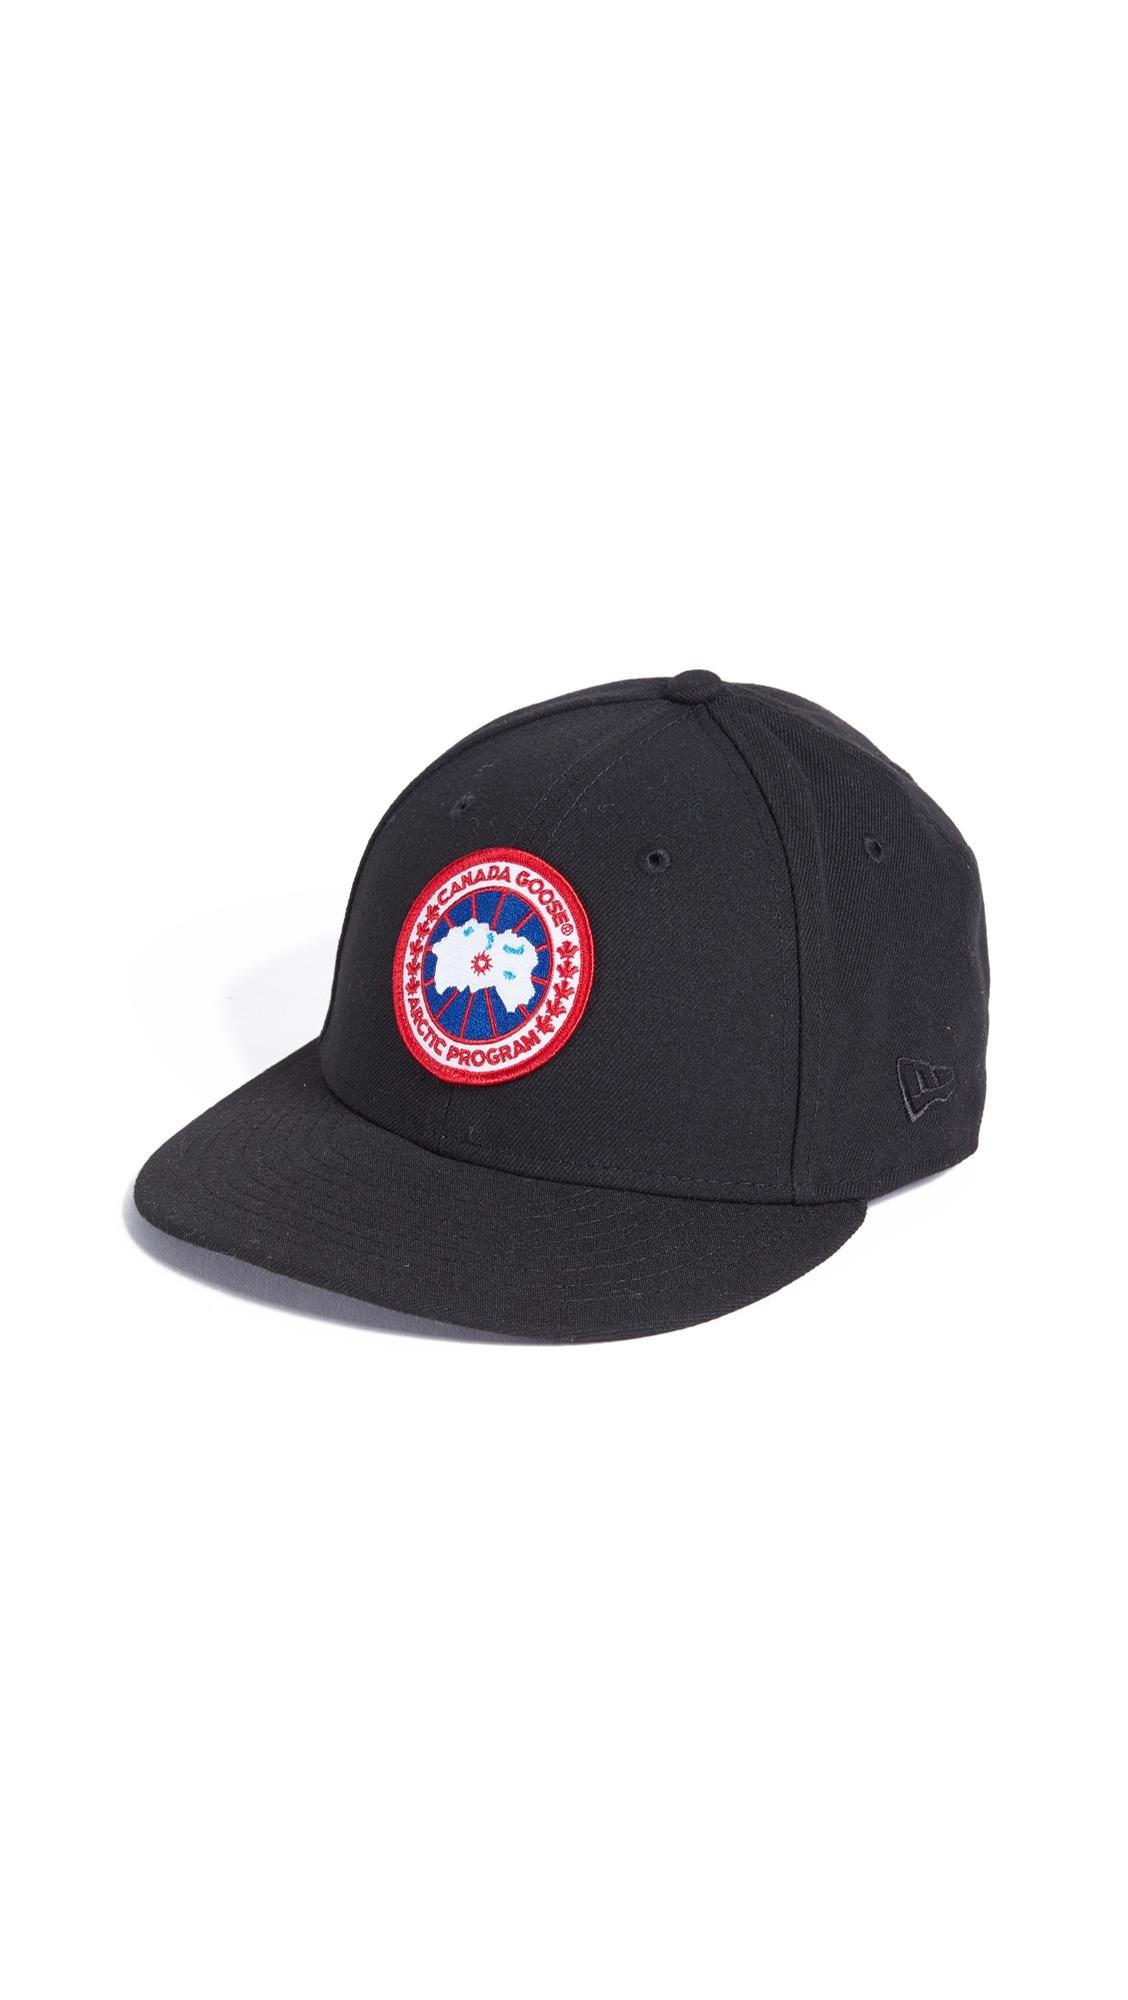 bdb4910b66d54 Canada Goose X New Era Cap in Black for Men - Lyst